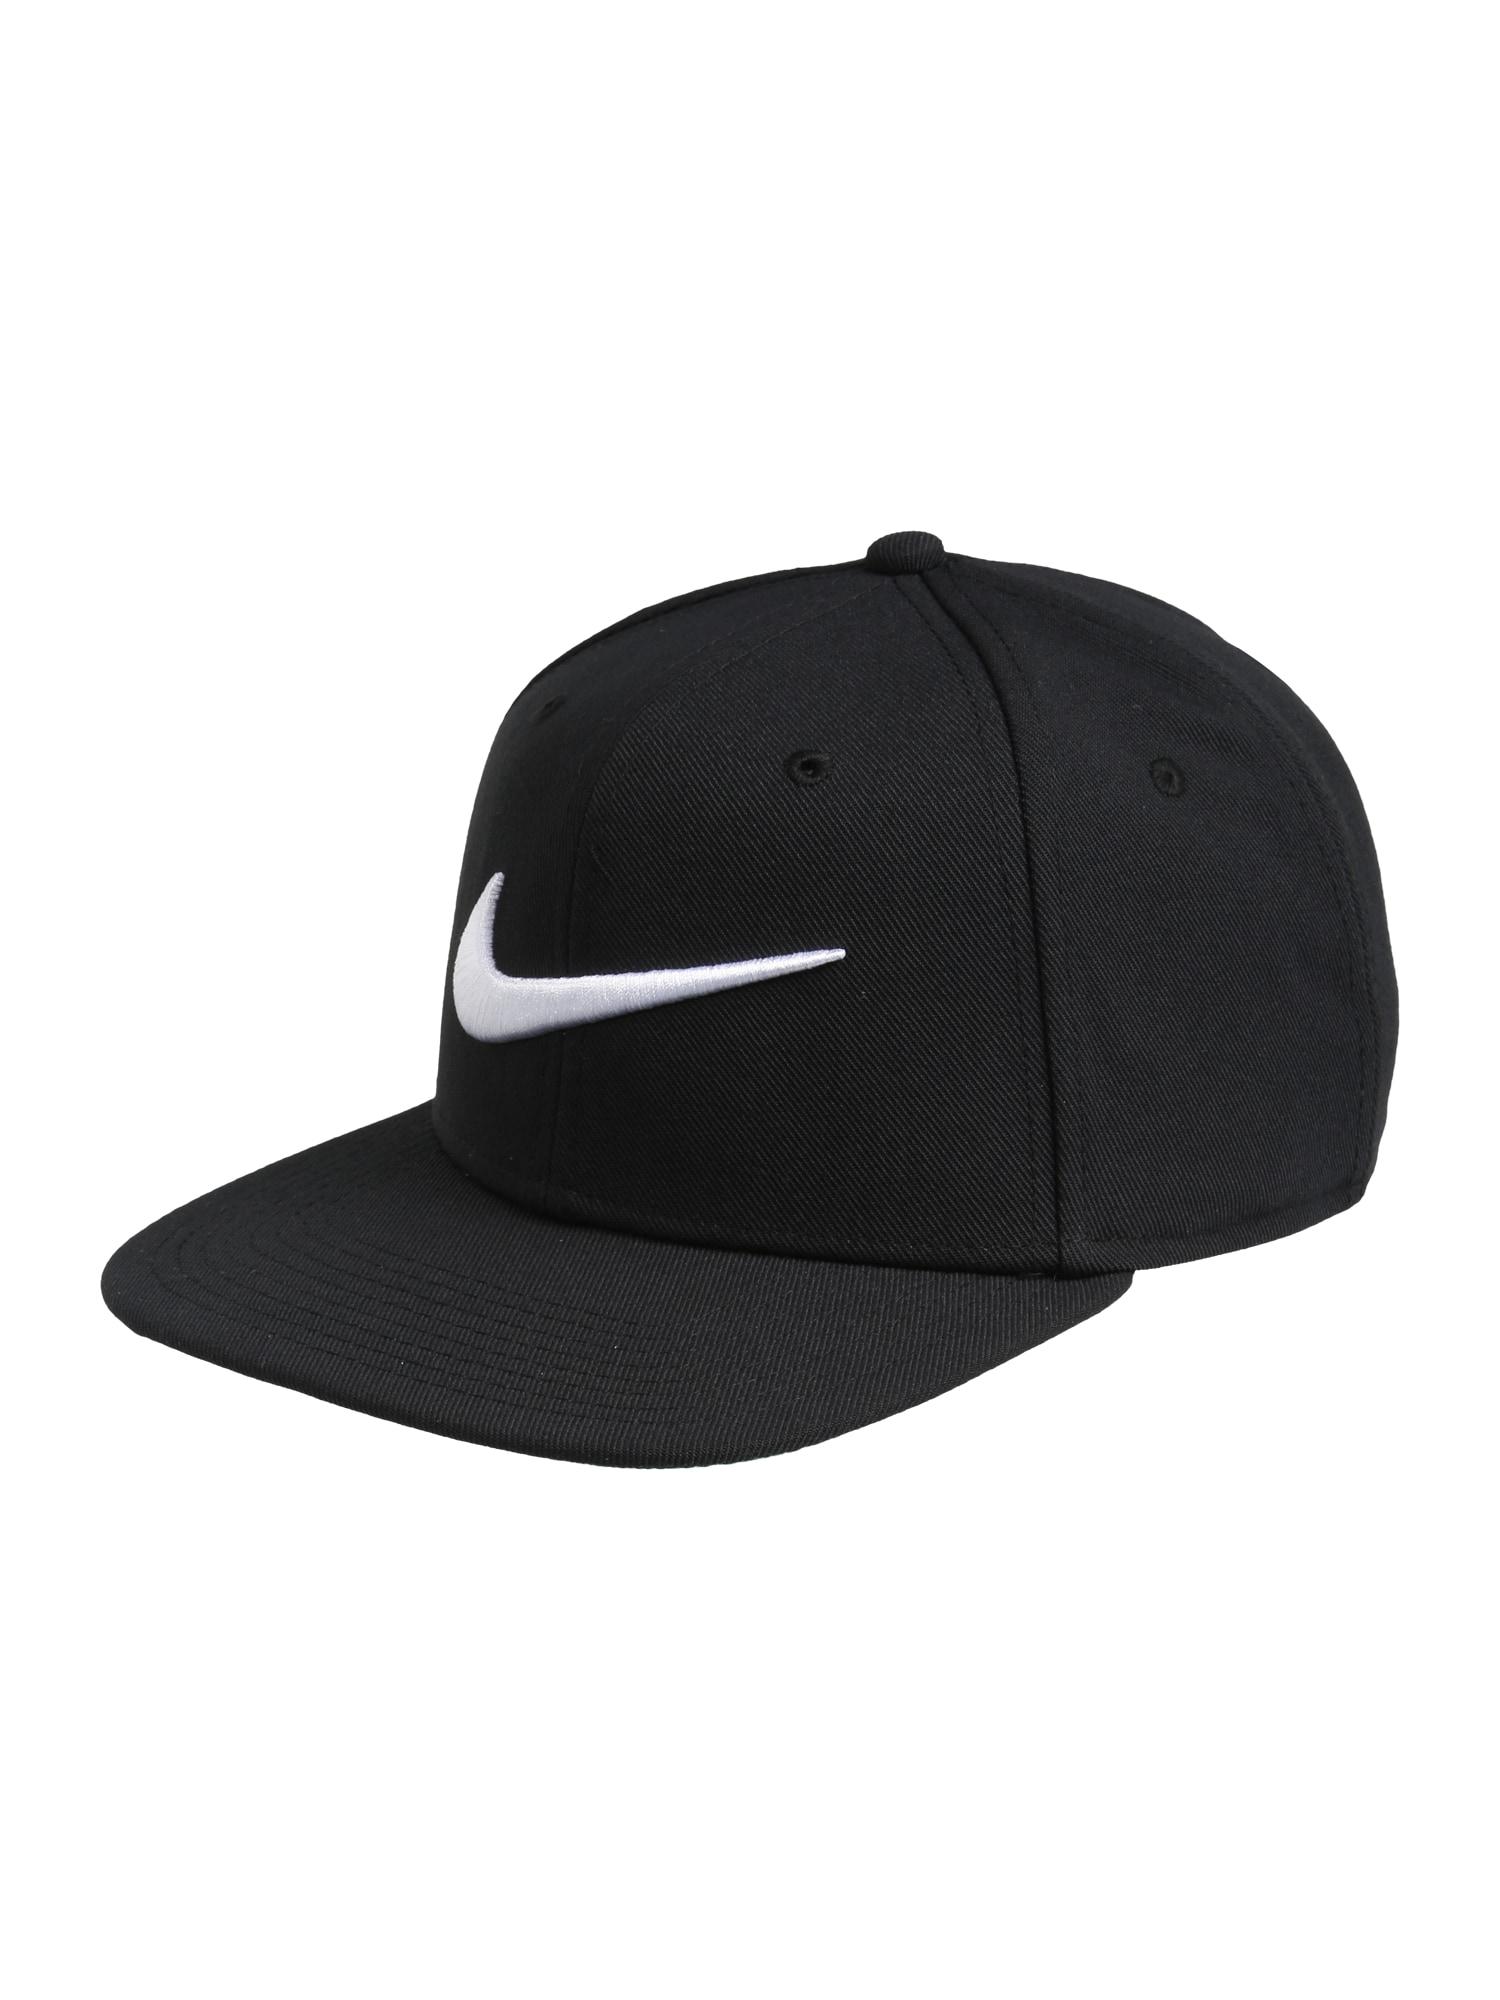 Kšiltovka PRO SWOOSH CLASSIC černá bílá Nike Sportswear